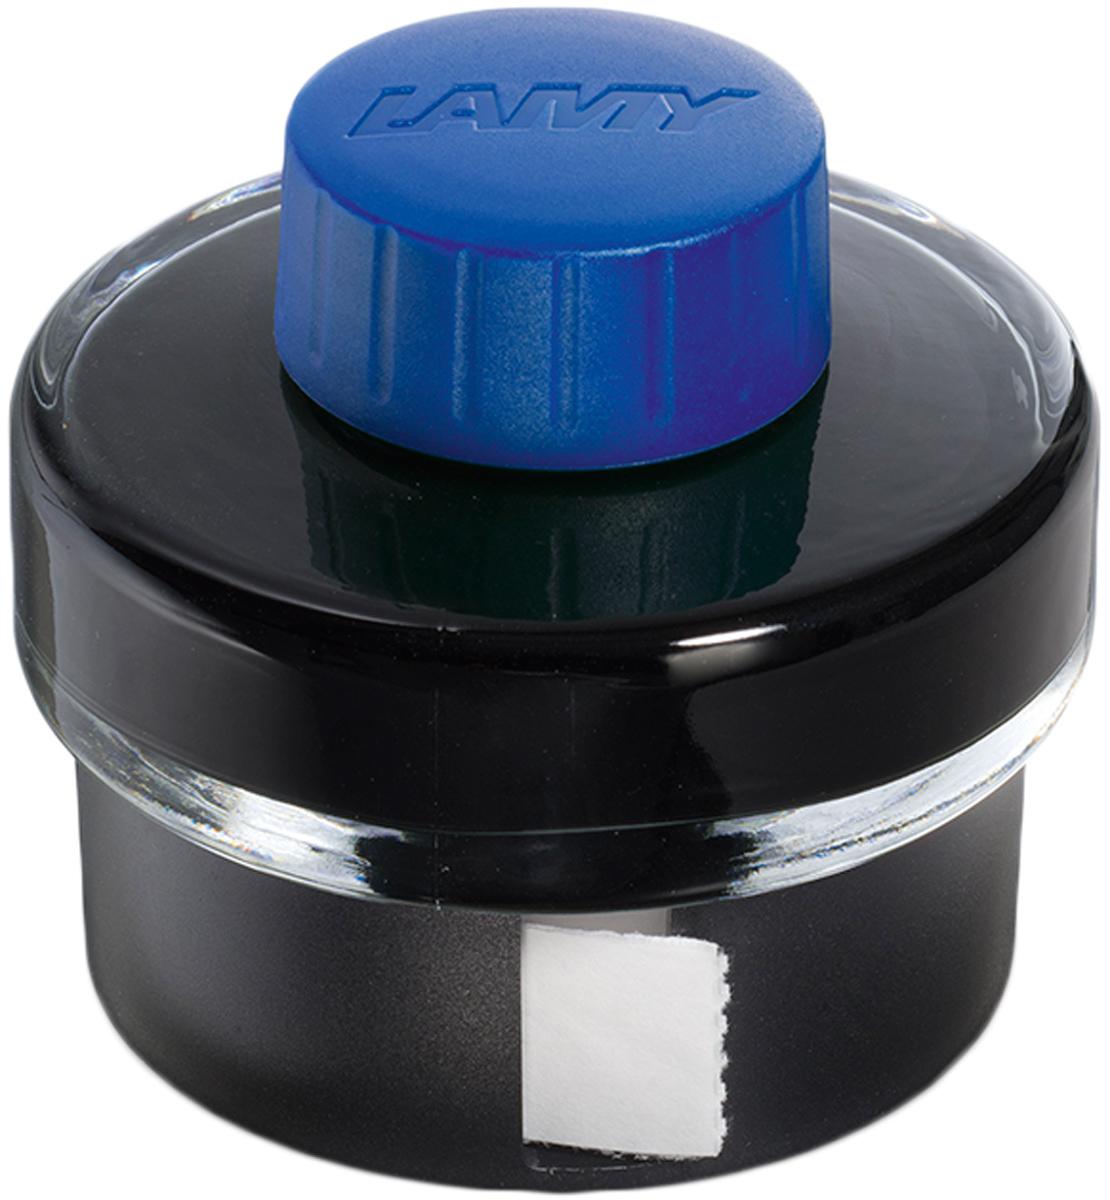 Lamy Чернила для письма T52 цвет синий 50 мл -  Чернила и тушь